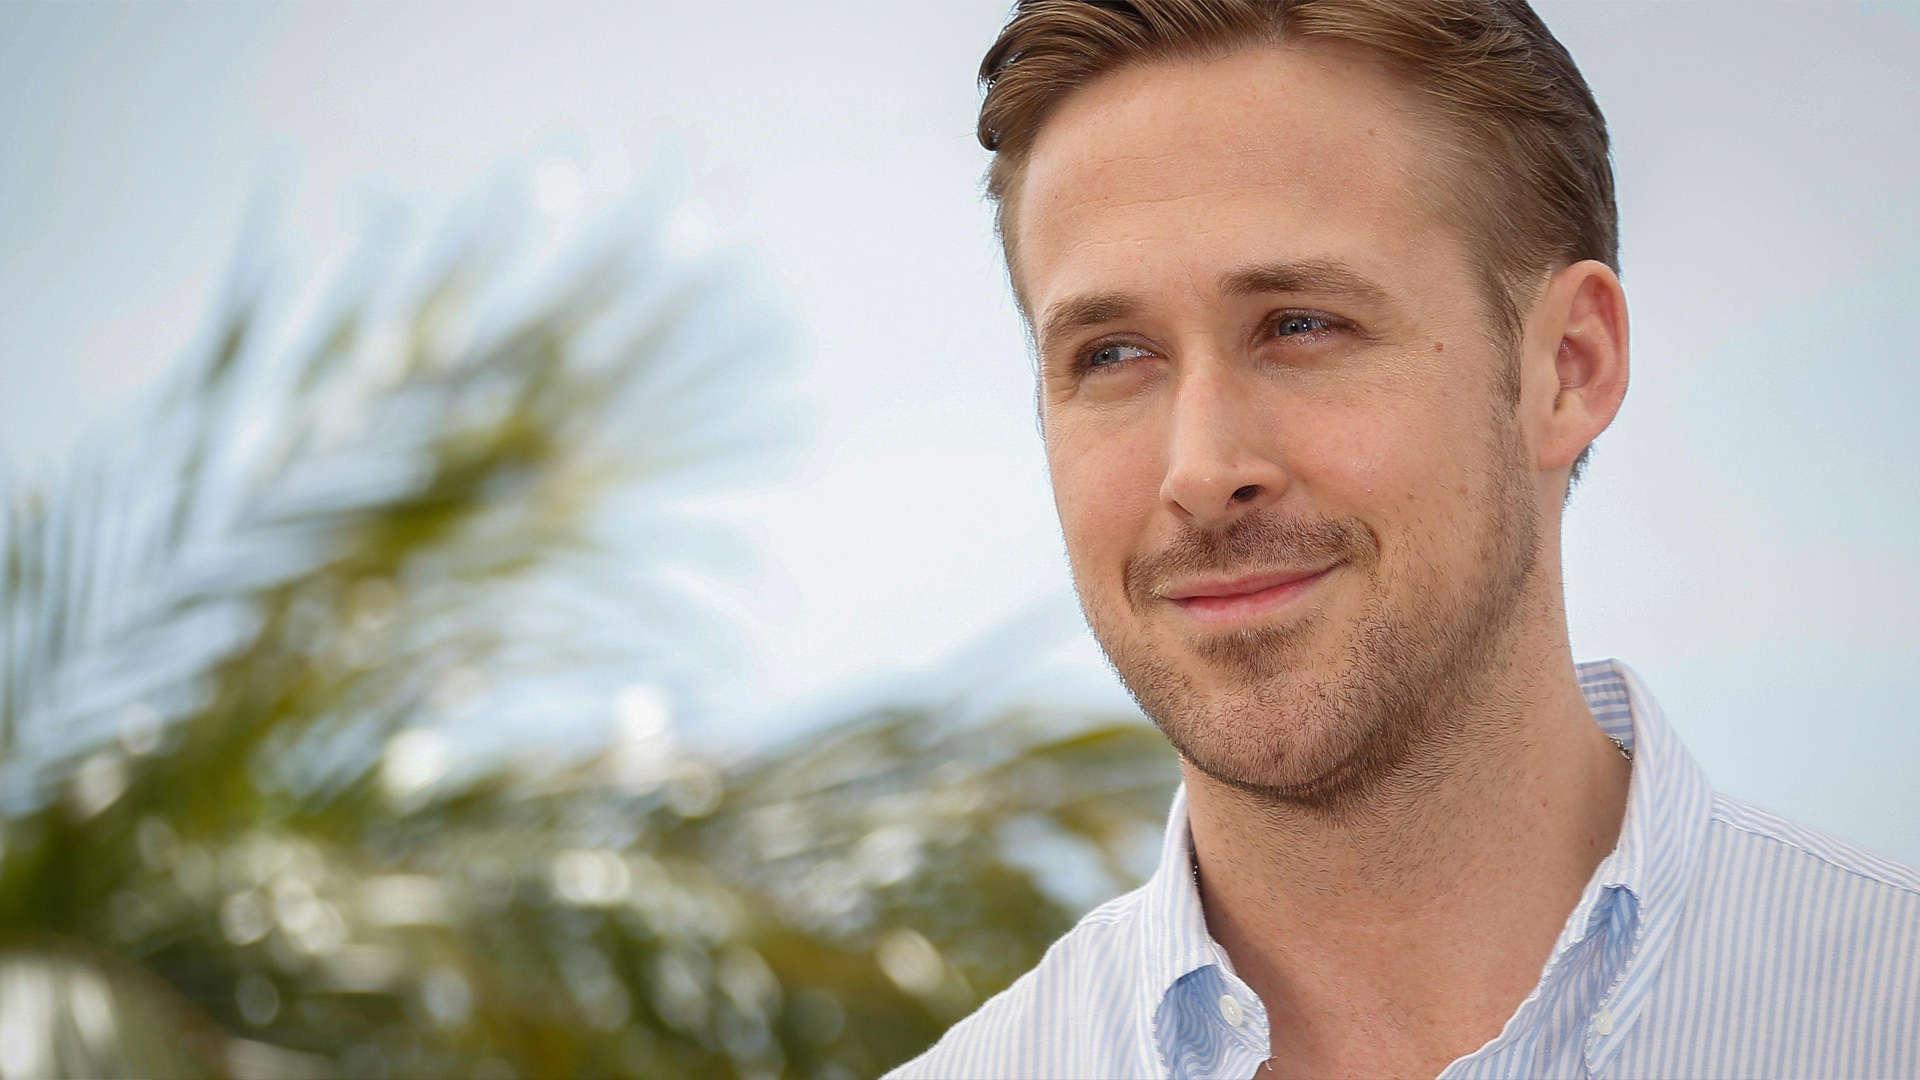 Ryan Gosling HD Wallpaper AMBWallpapers 1920x1080